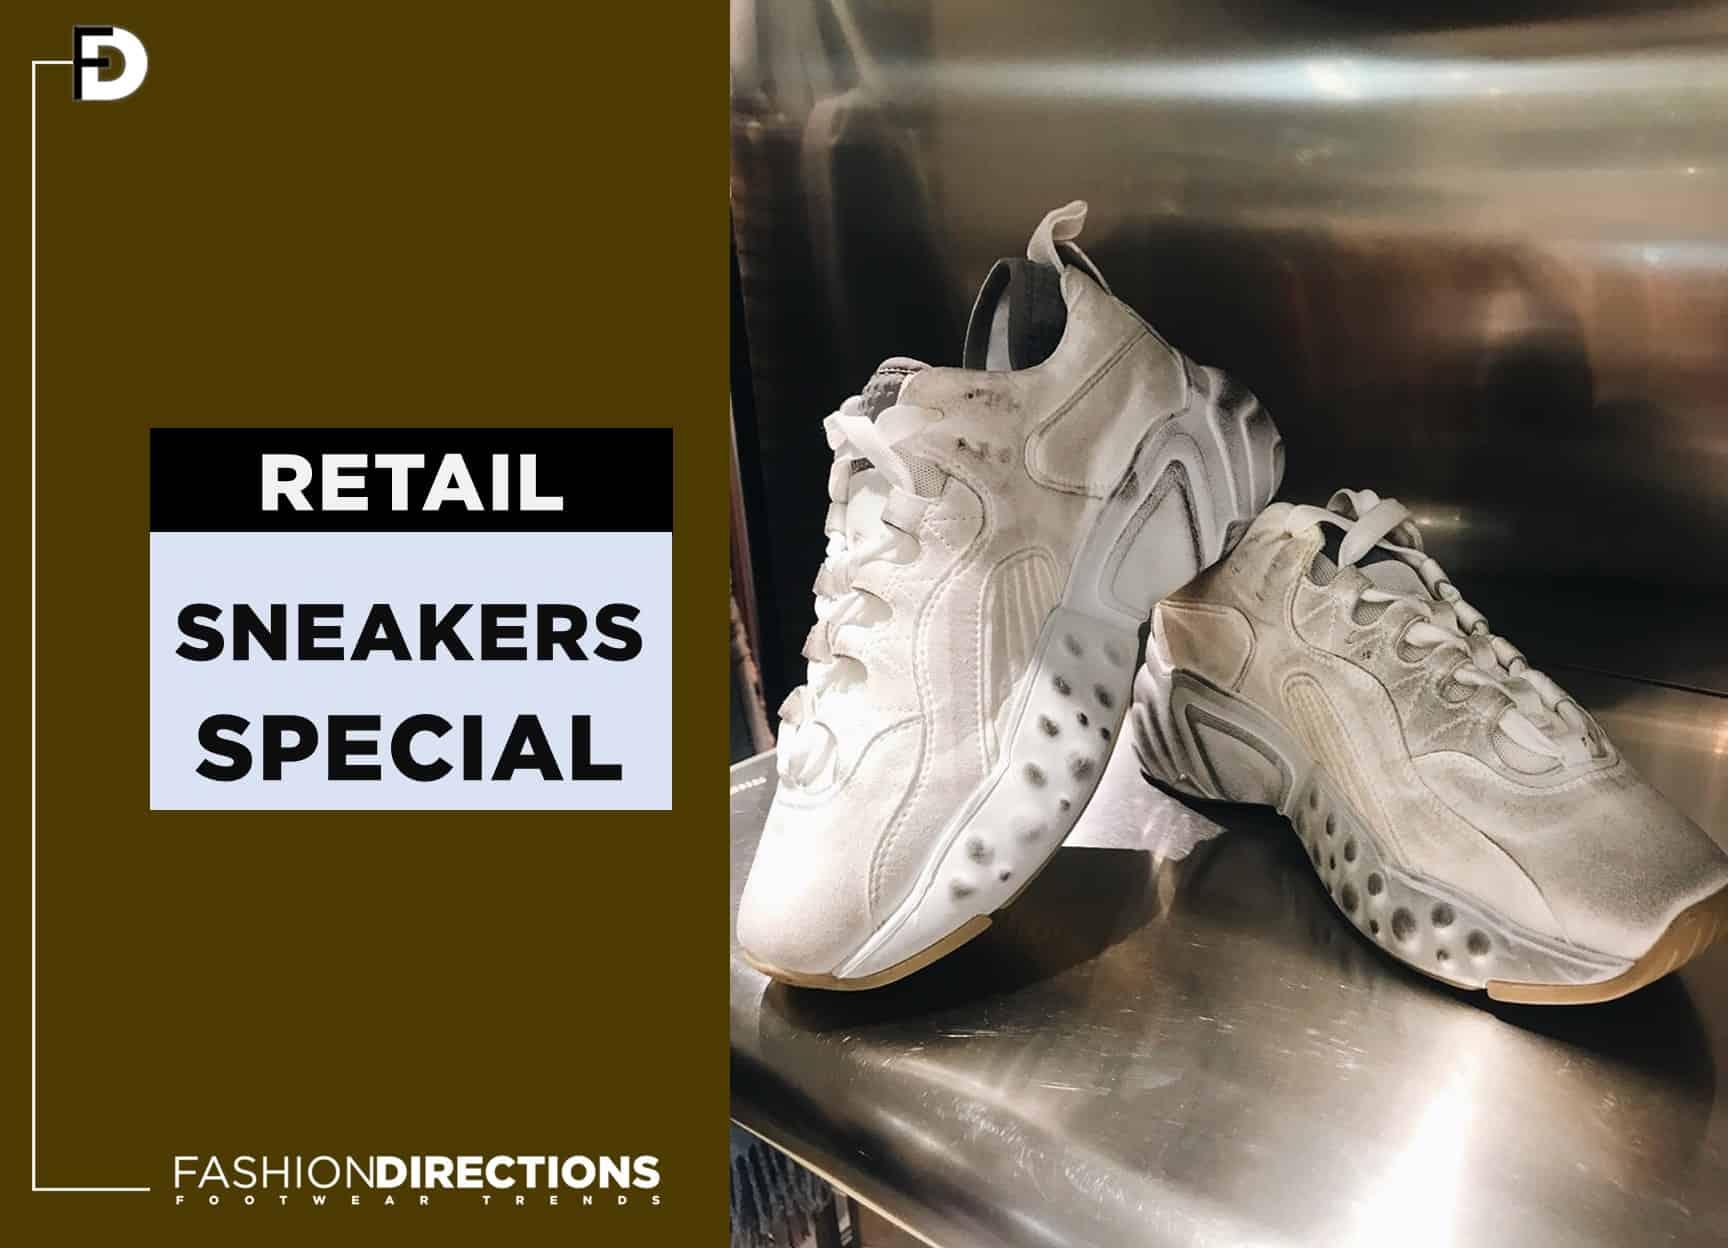 Retail Sneakers August 2018